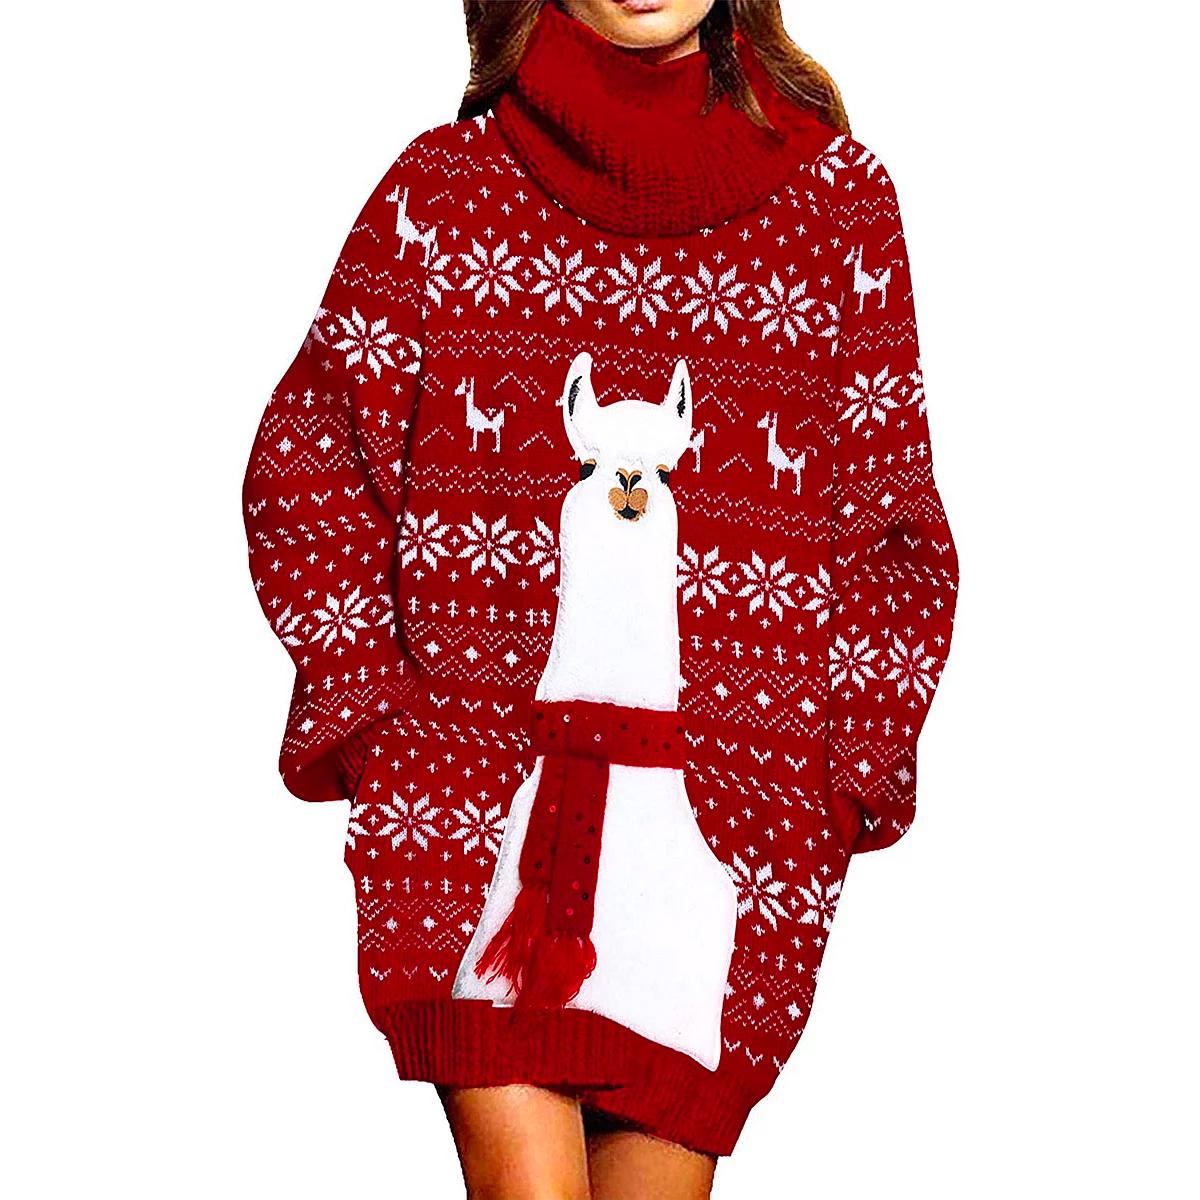 llama christmas sweater